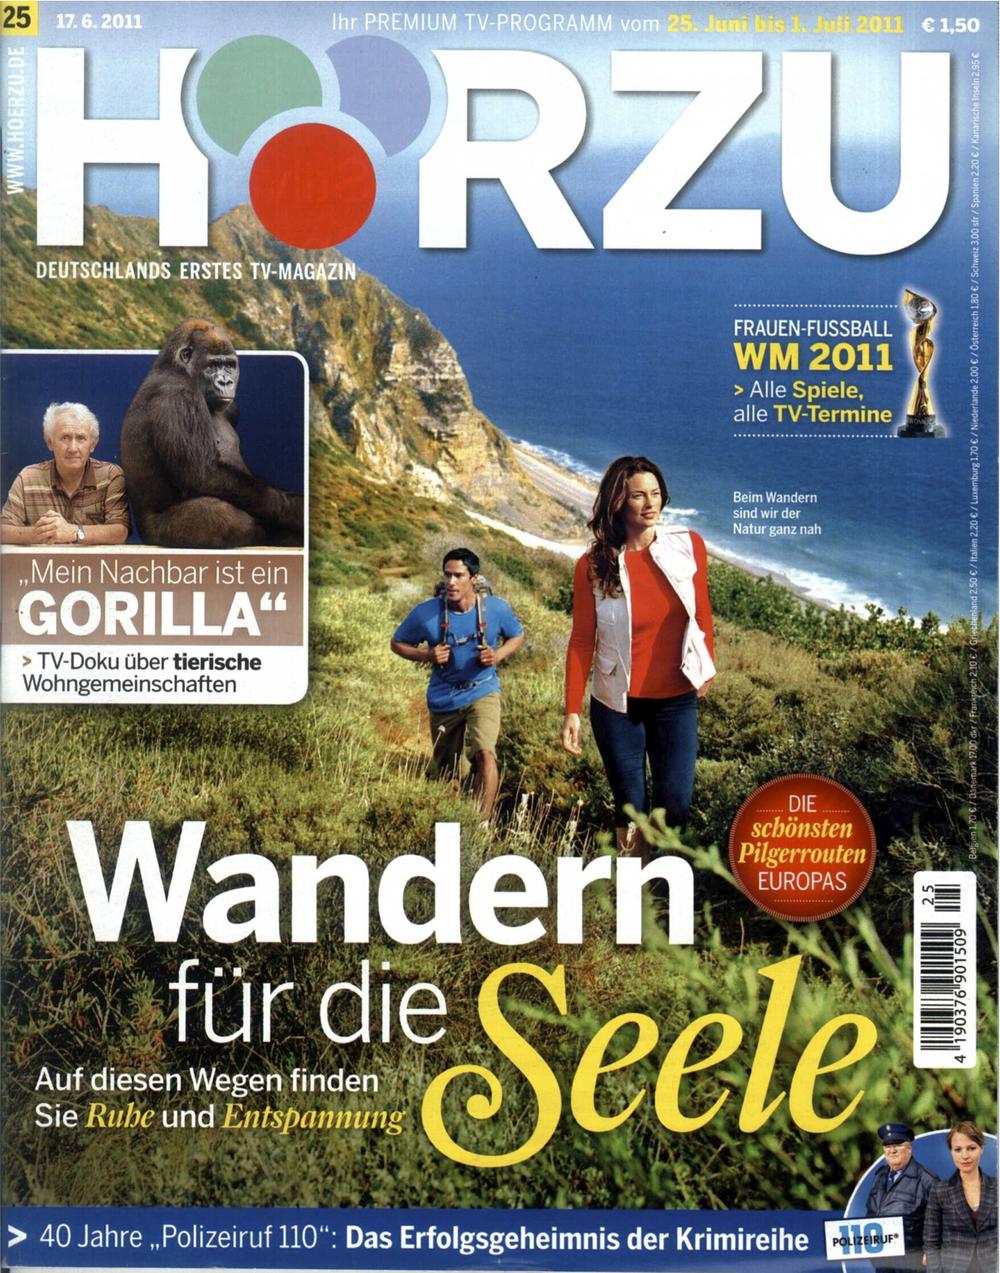 HZ_17.6.2011_Cover.jpg